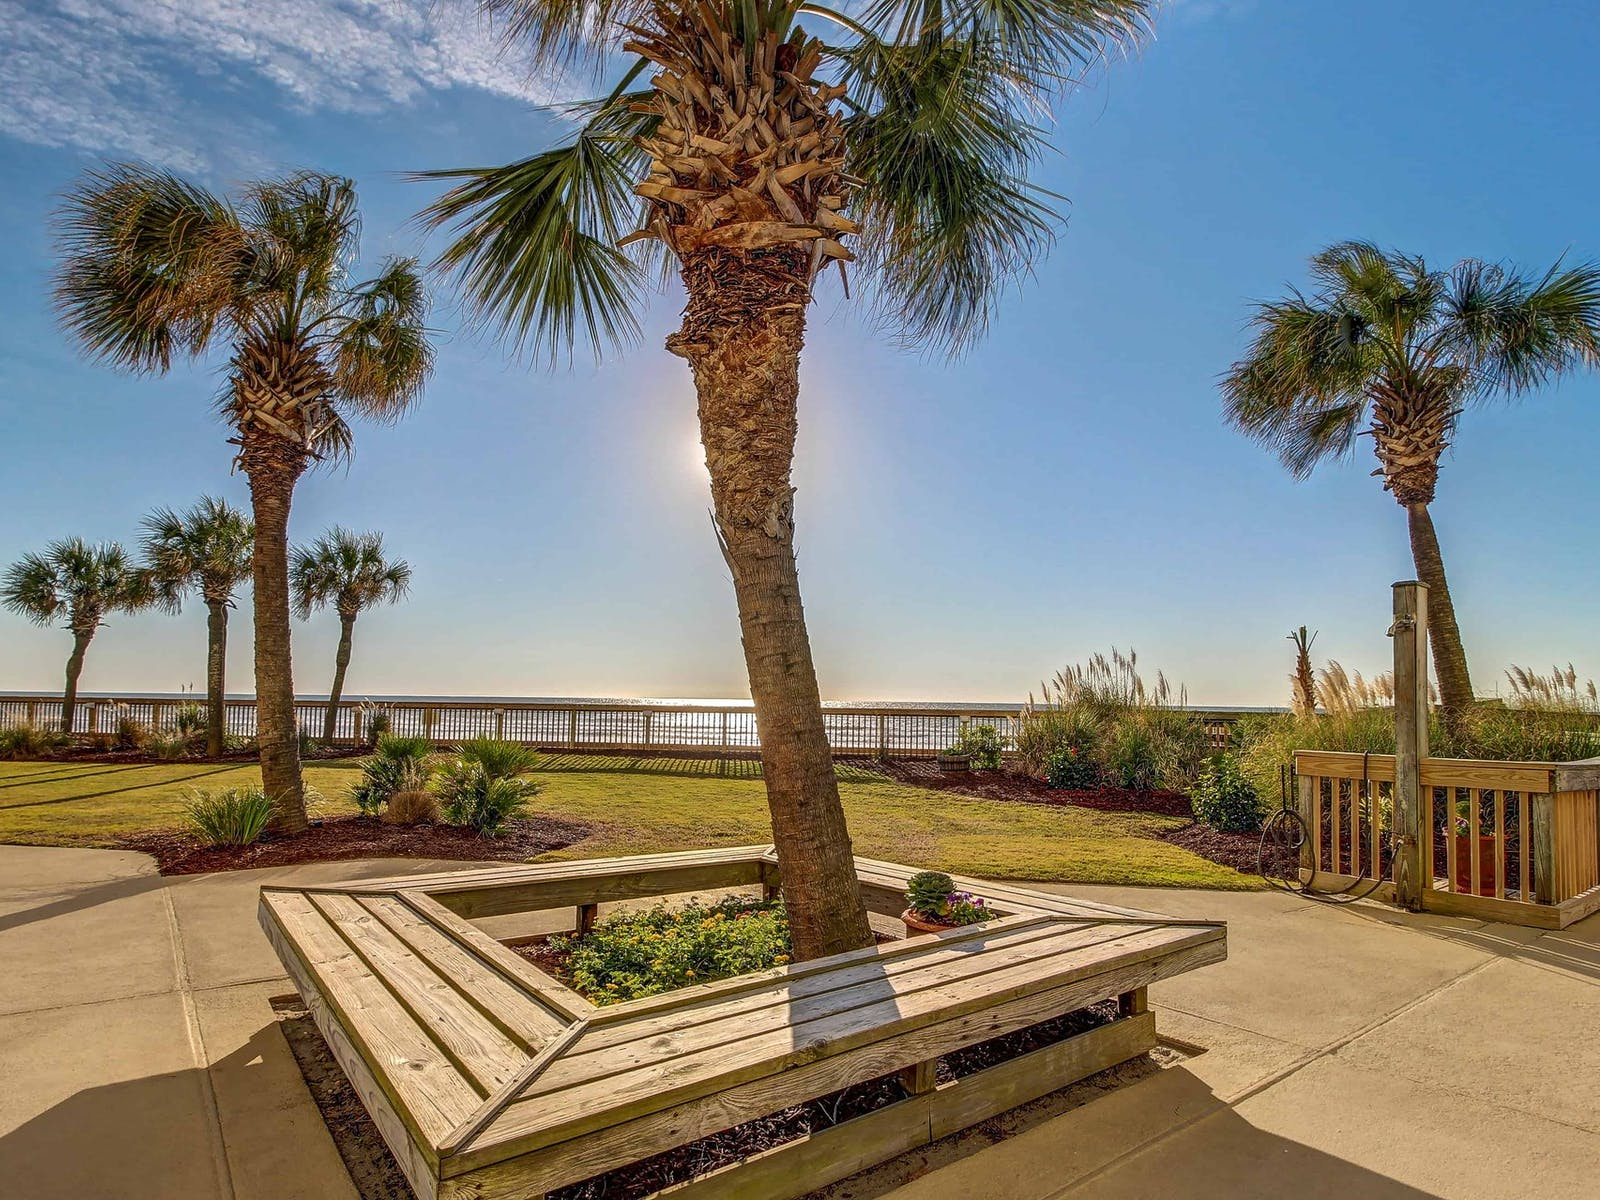 Ocean views from boardwalk in Myrtle Beach